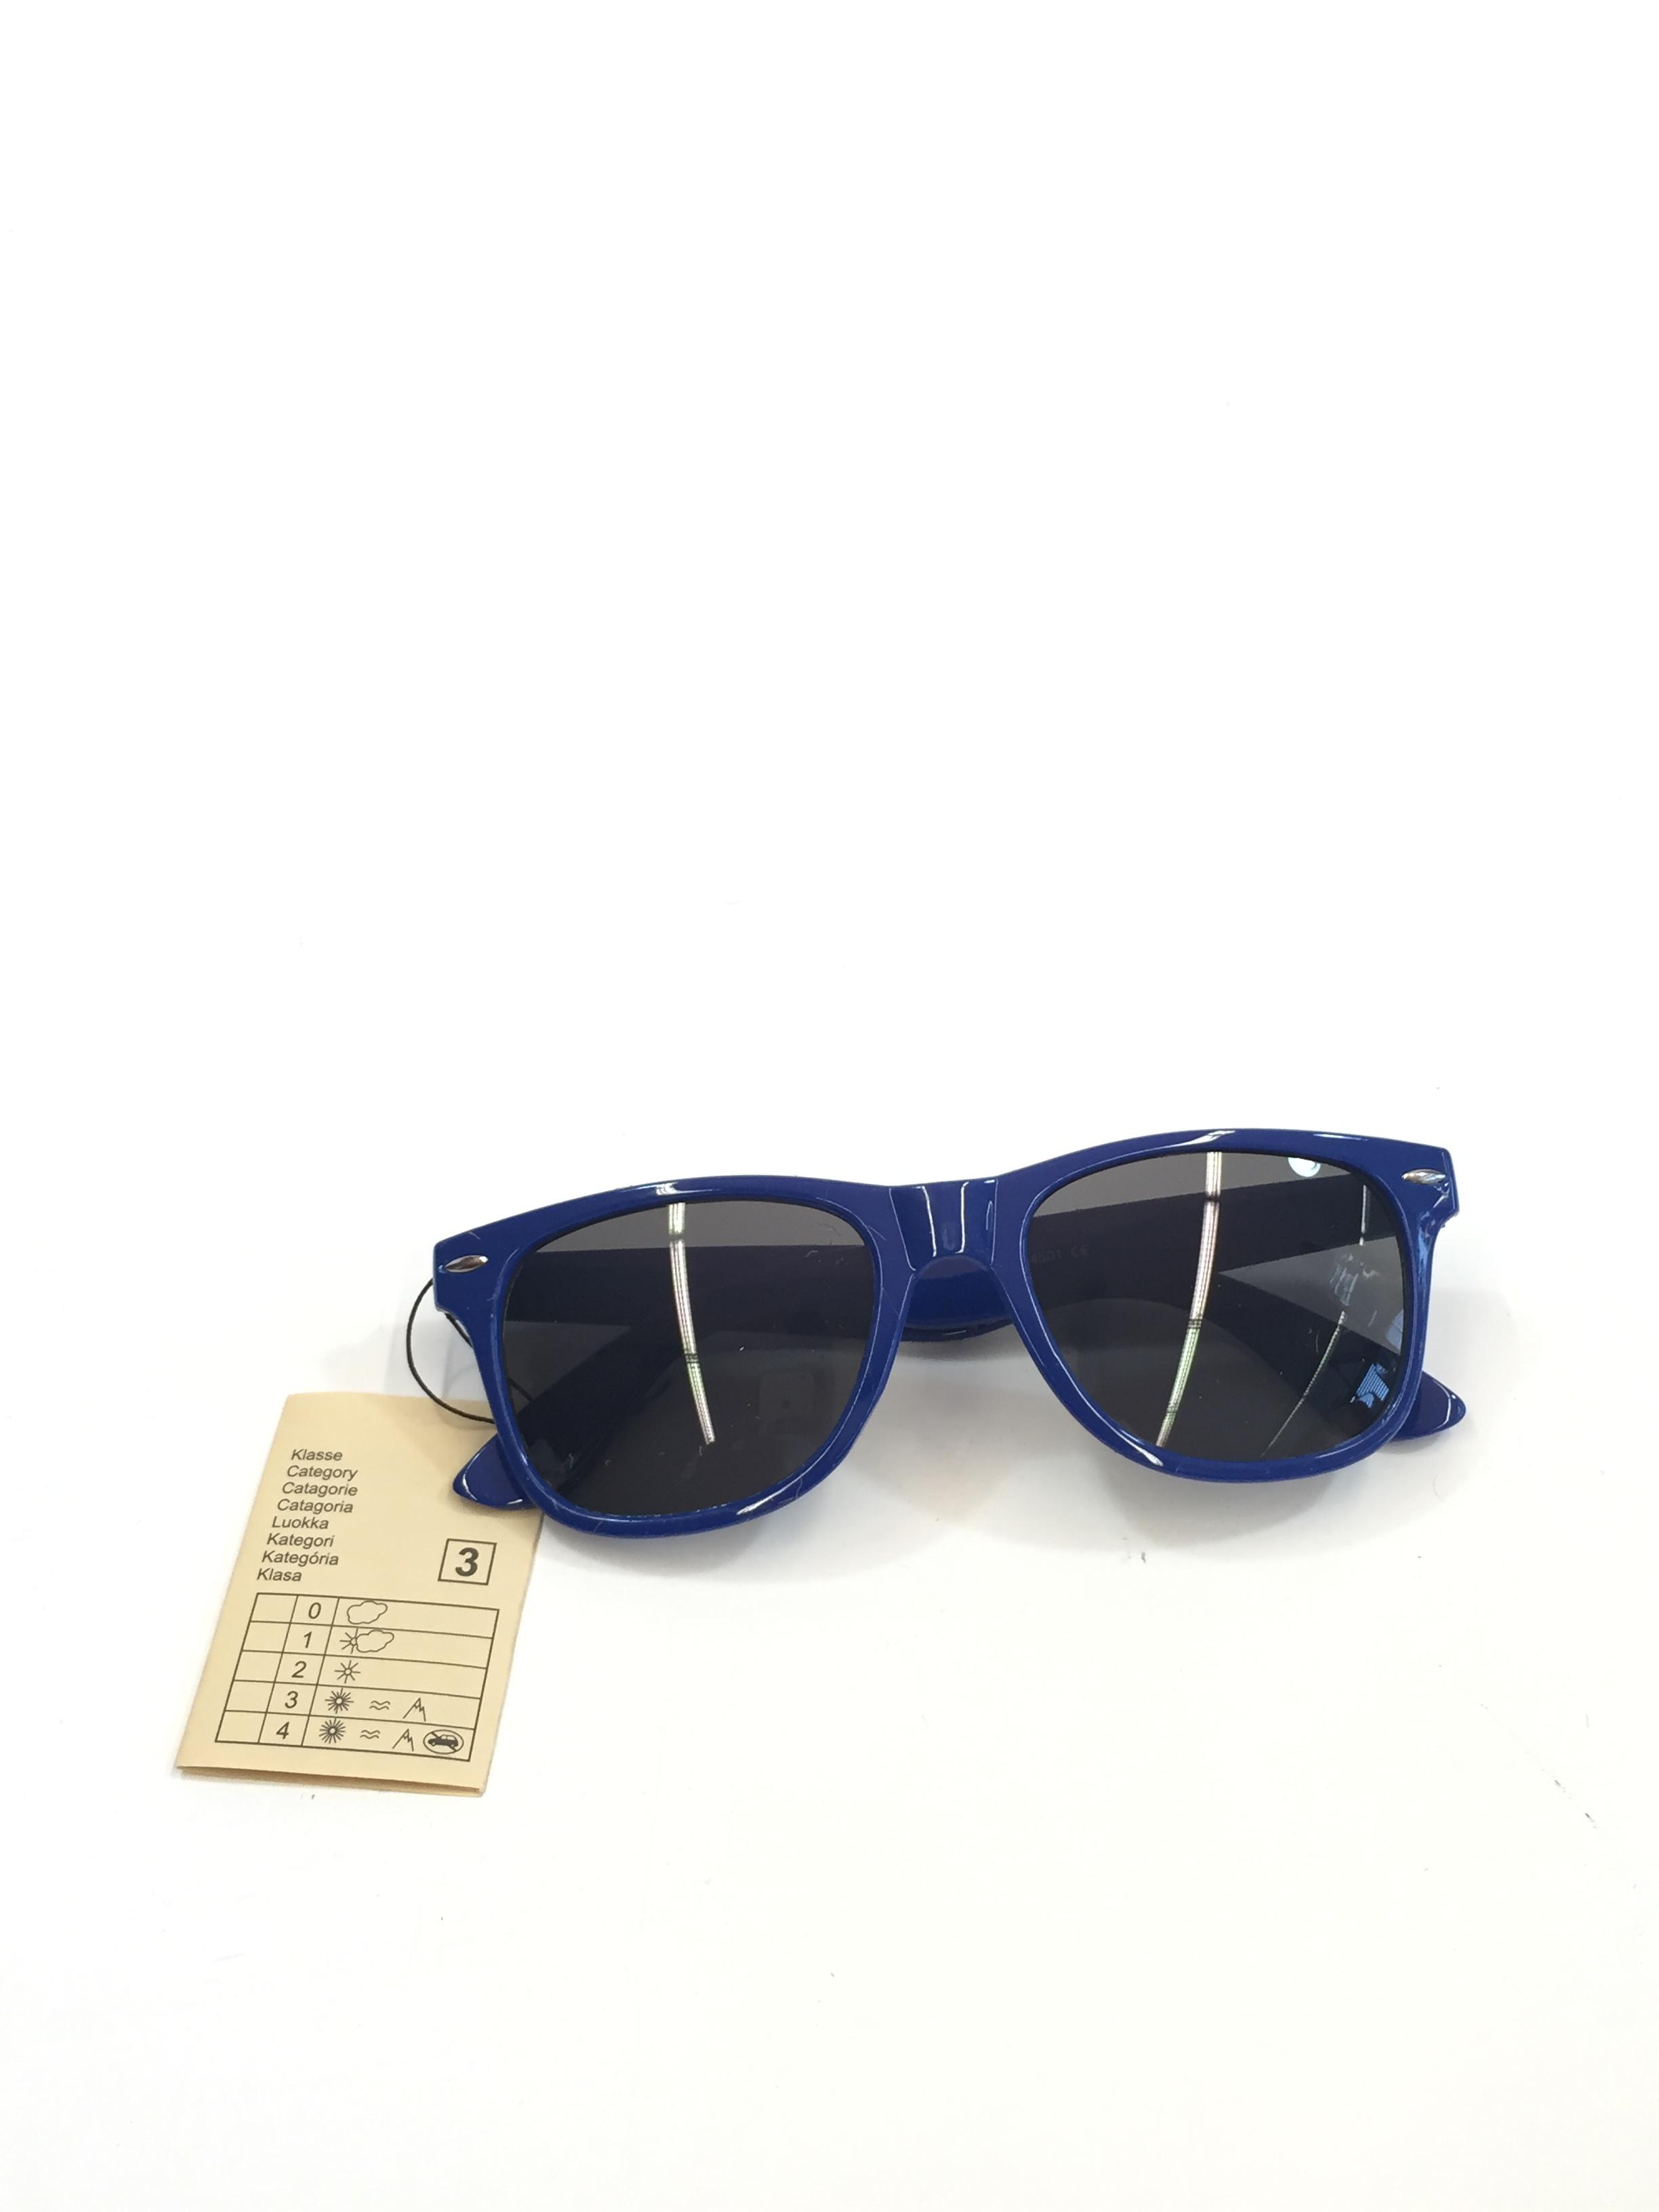 Sion Kölsch Sonnenbrille Nerd style blau - UV400 Klasse 3